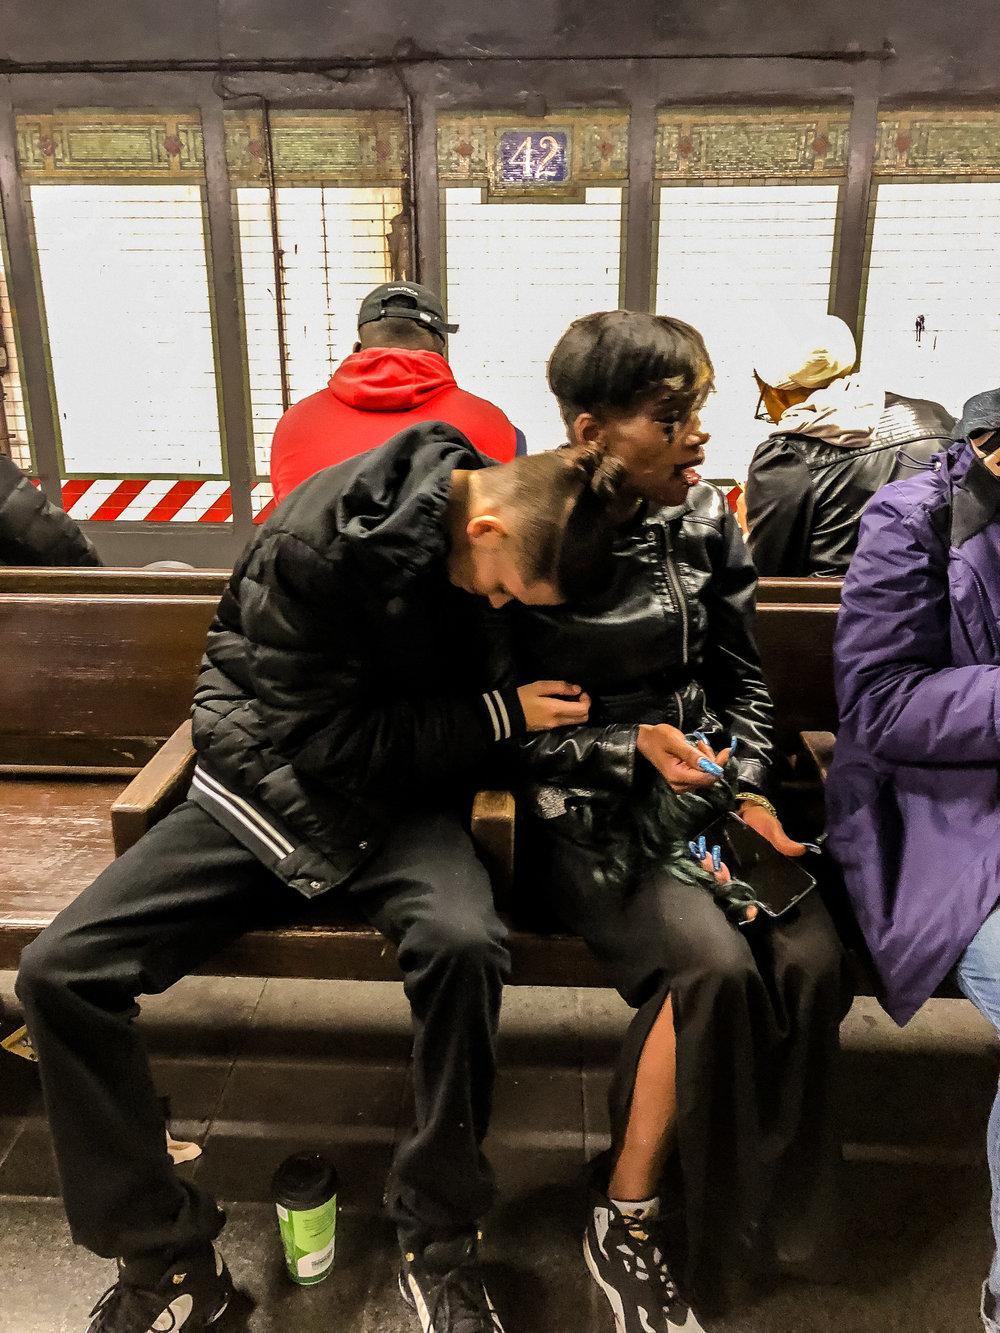 SubwayHalloween-16.jpg